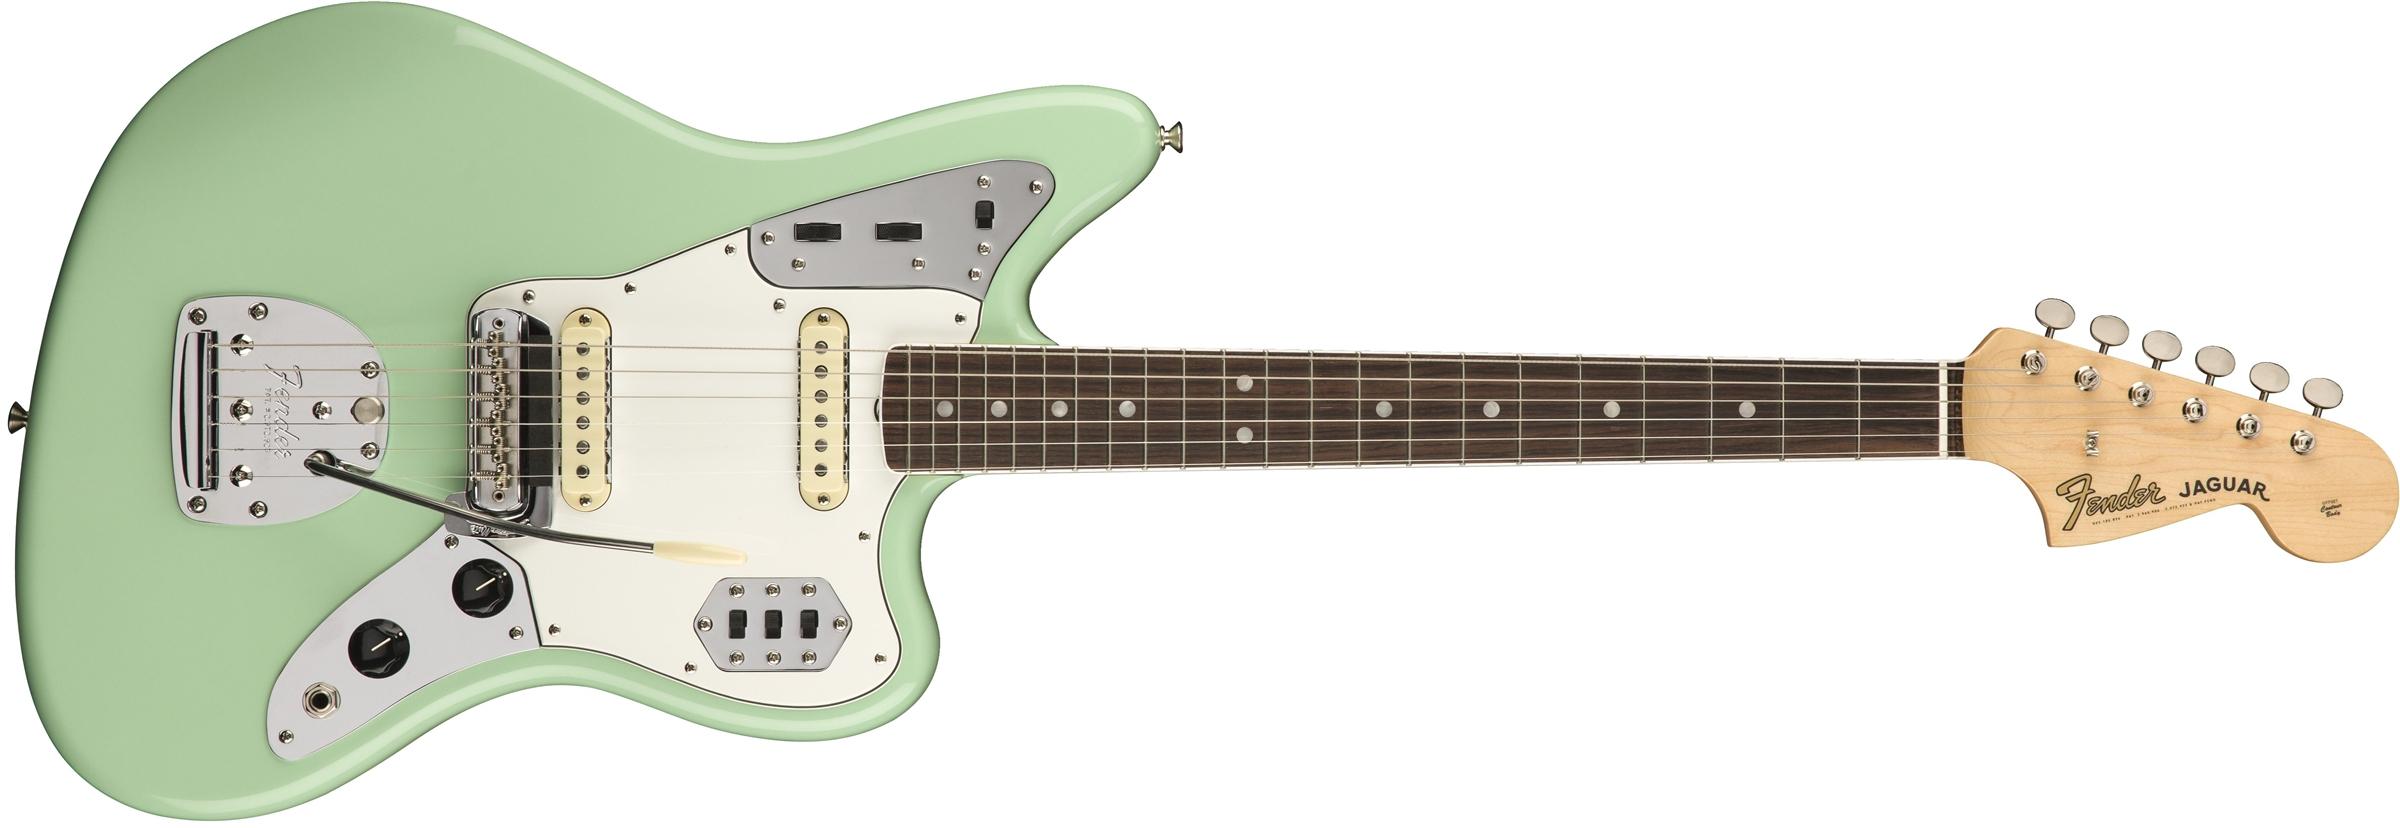 Fender JAGUAR-AMORG-60-RW American Original '60s Jaguar Electric Guitar with Rosewood Fingerboard JAGUAR-AMORG-60-RW